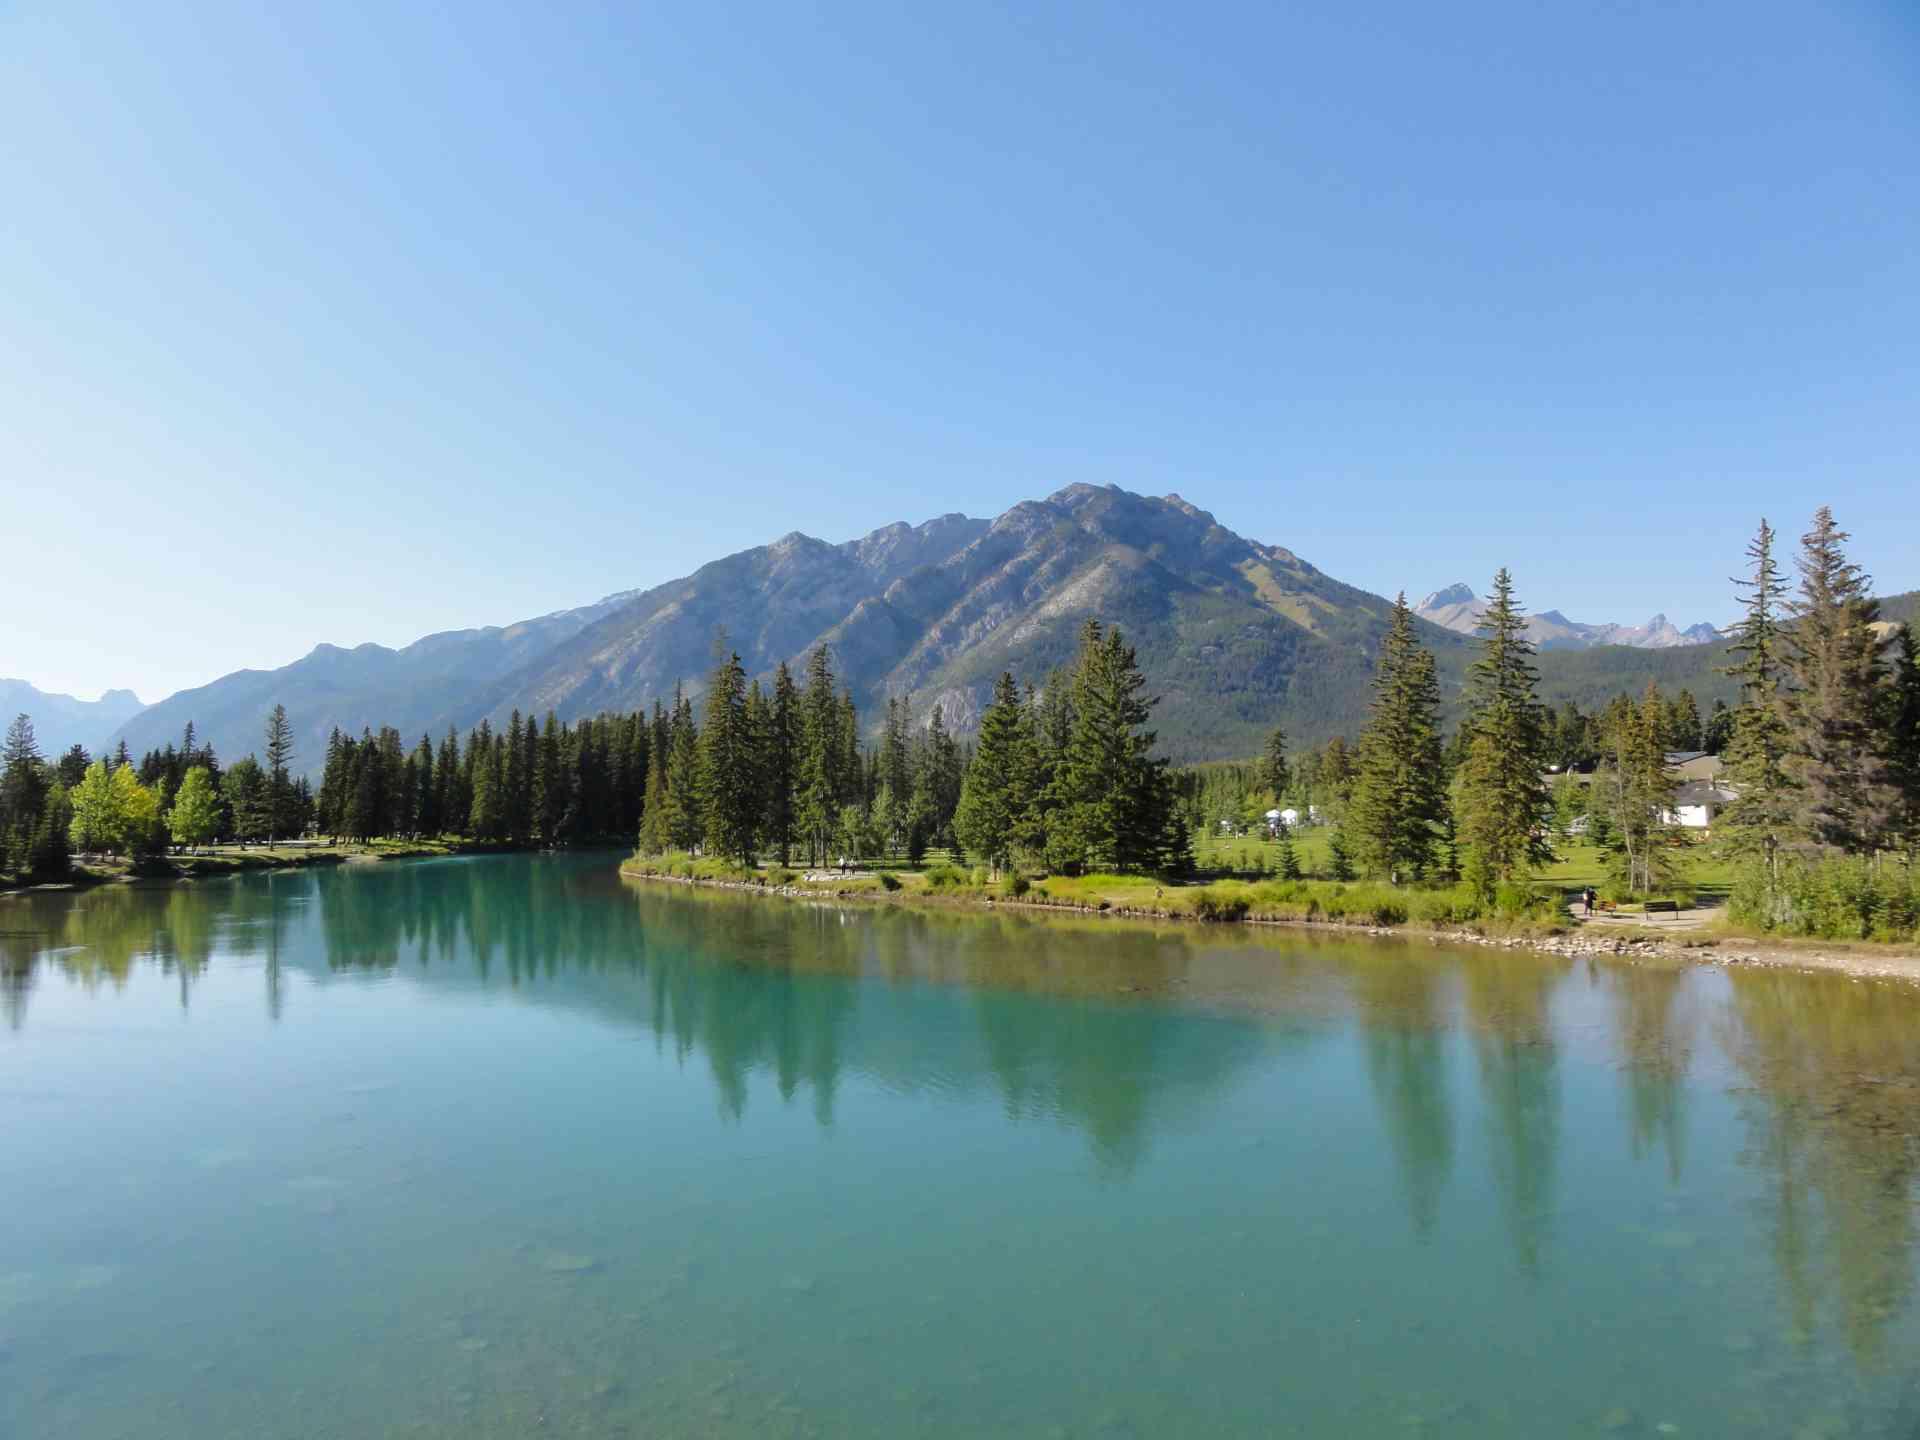 Banff, Canada by Jeremy van Heerde